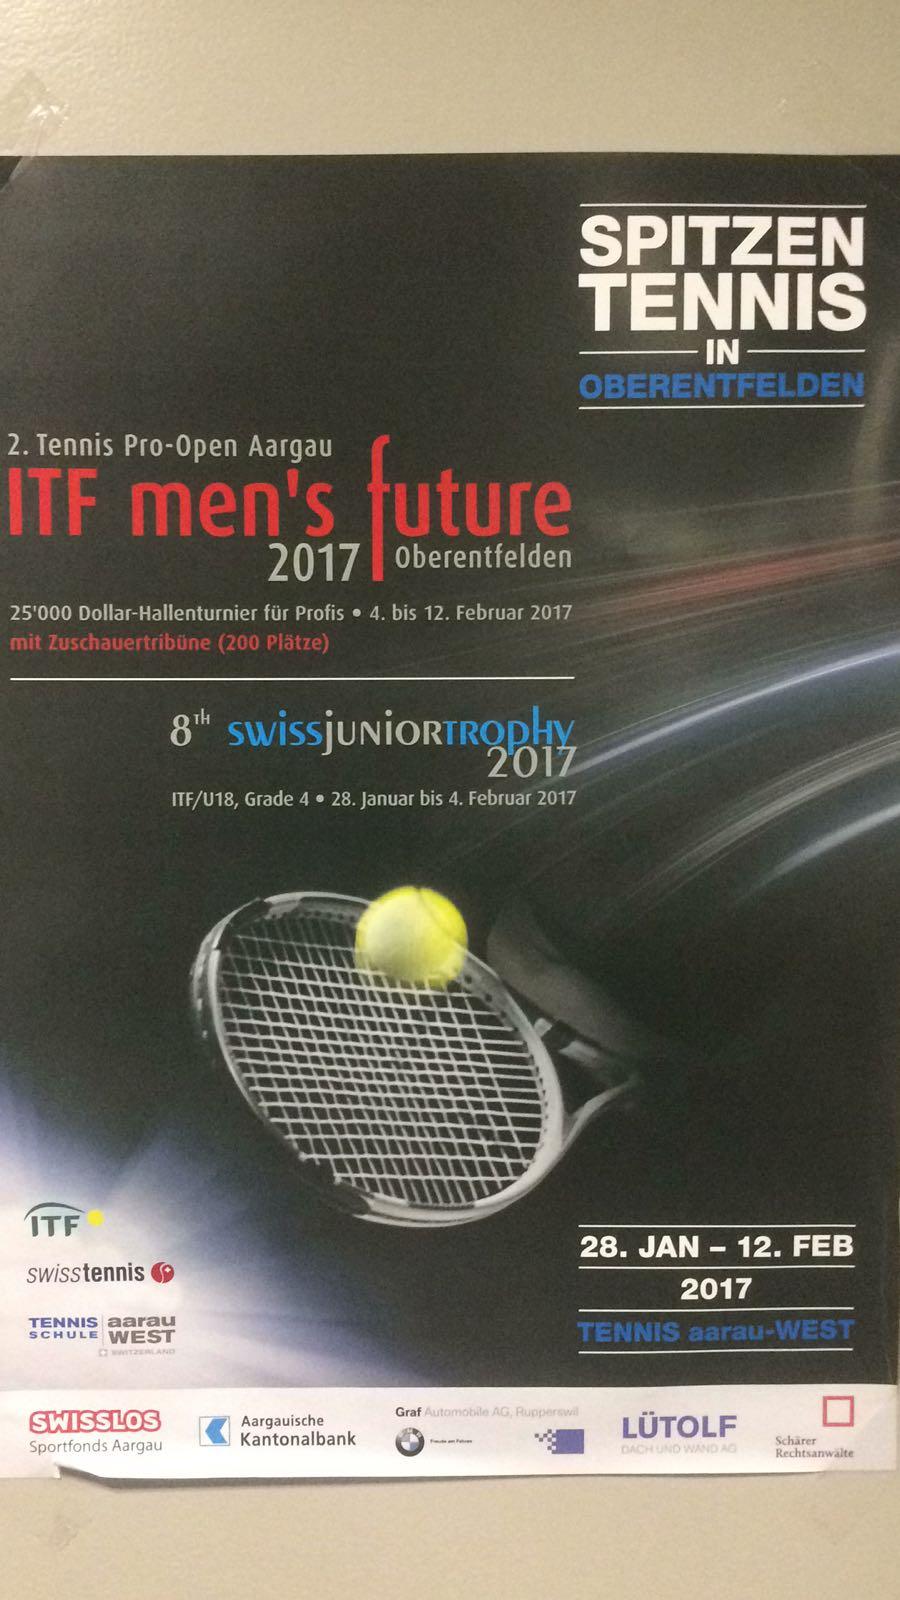 Grösstes ITF Turnier U18 der Schweiz